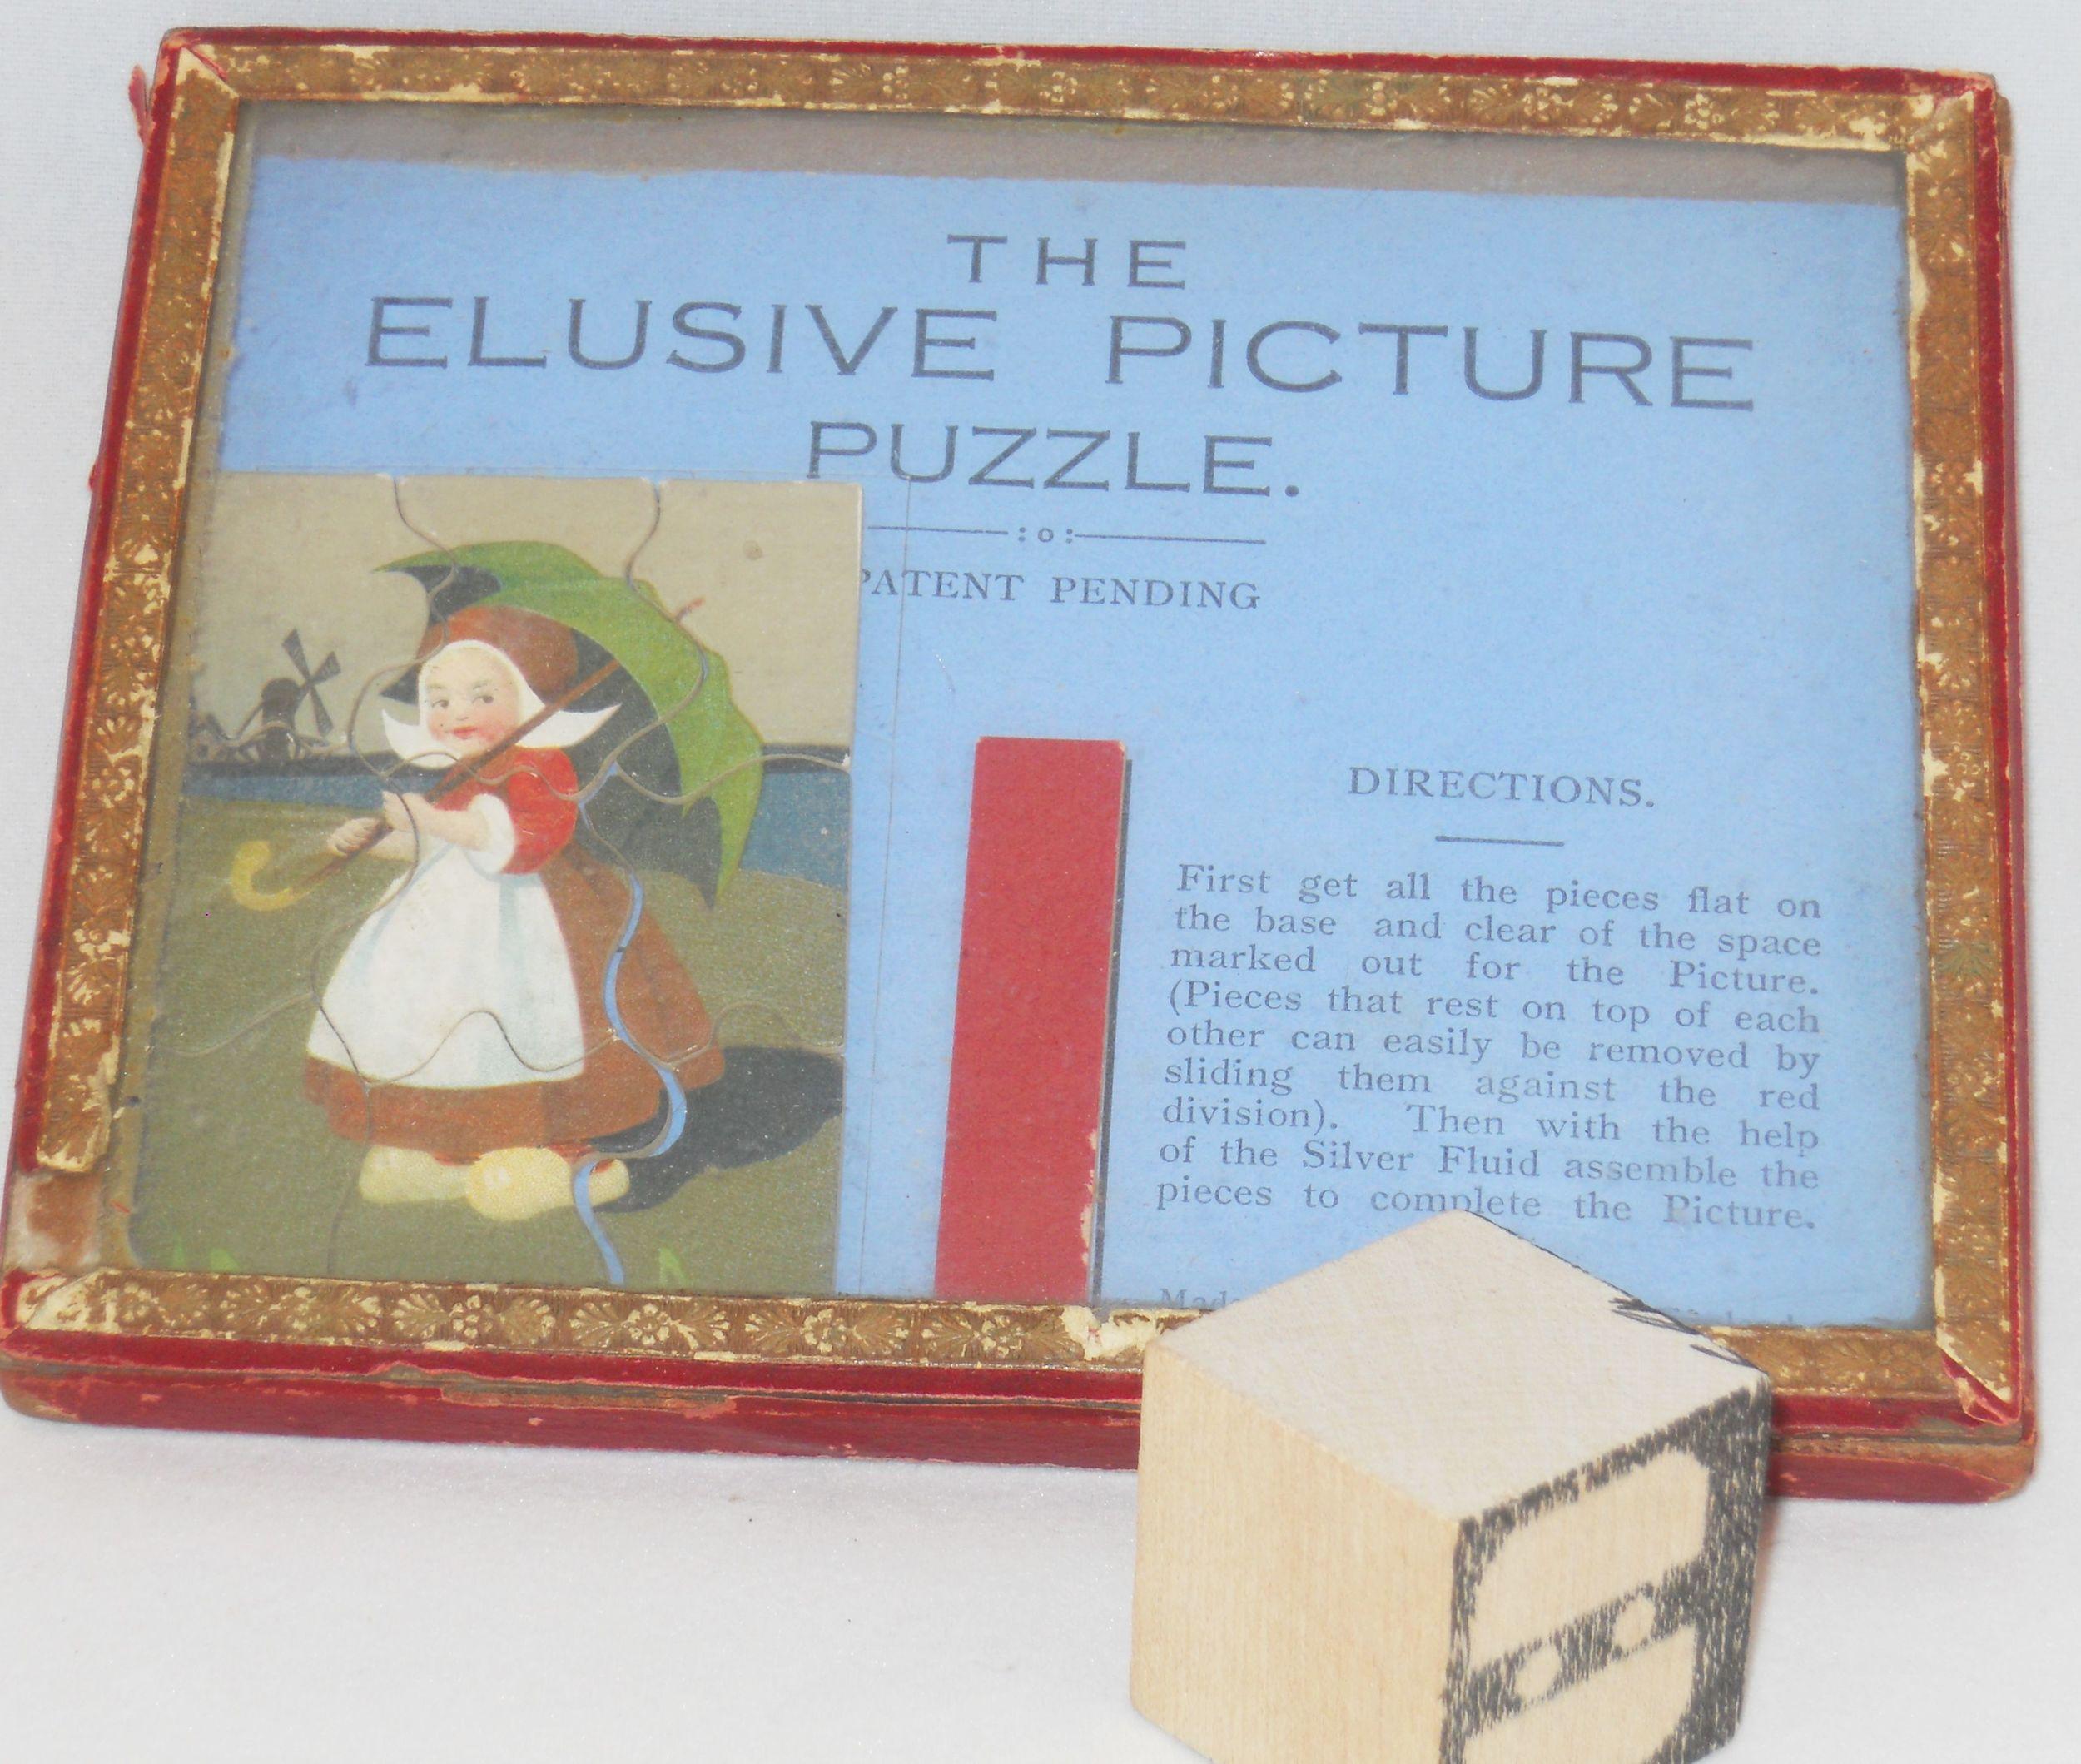 illusivepicture